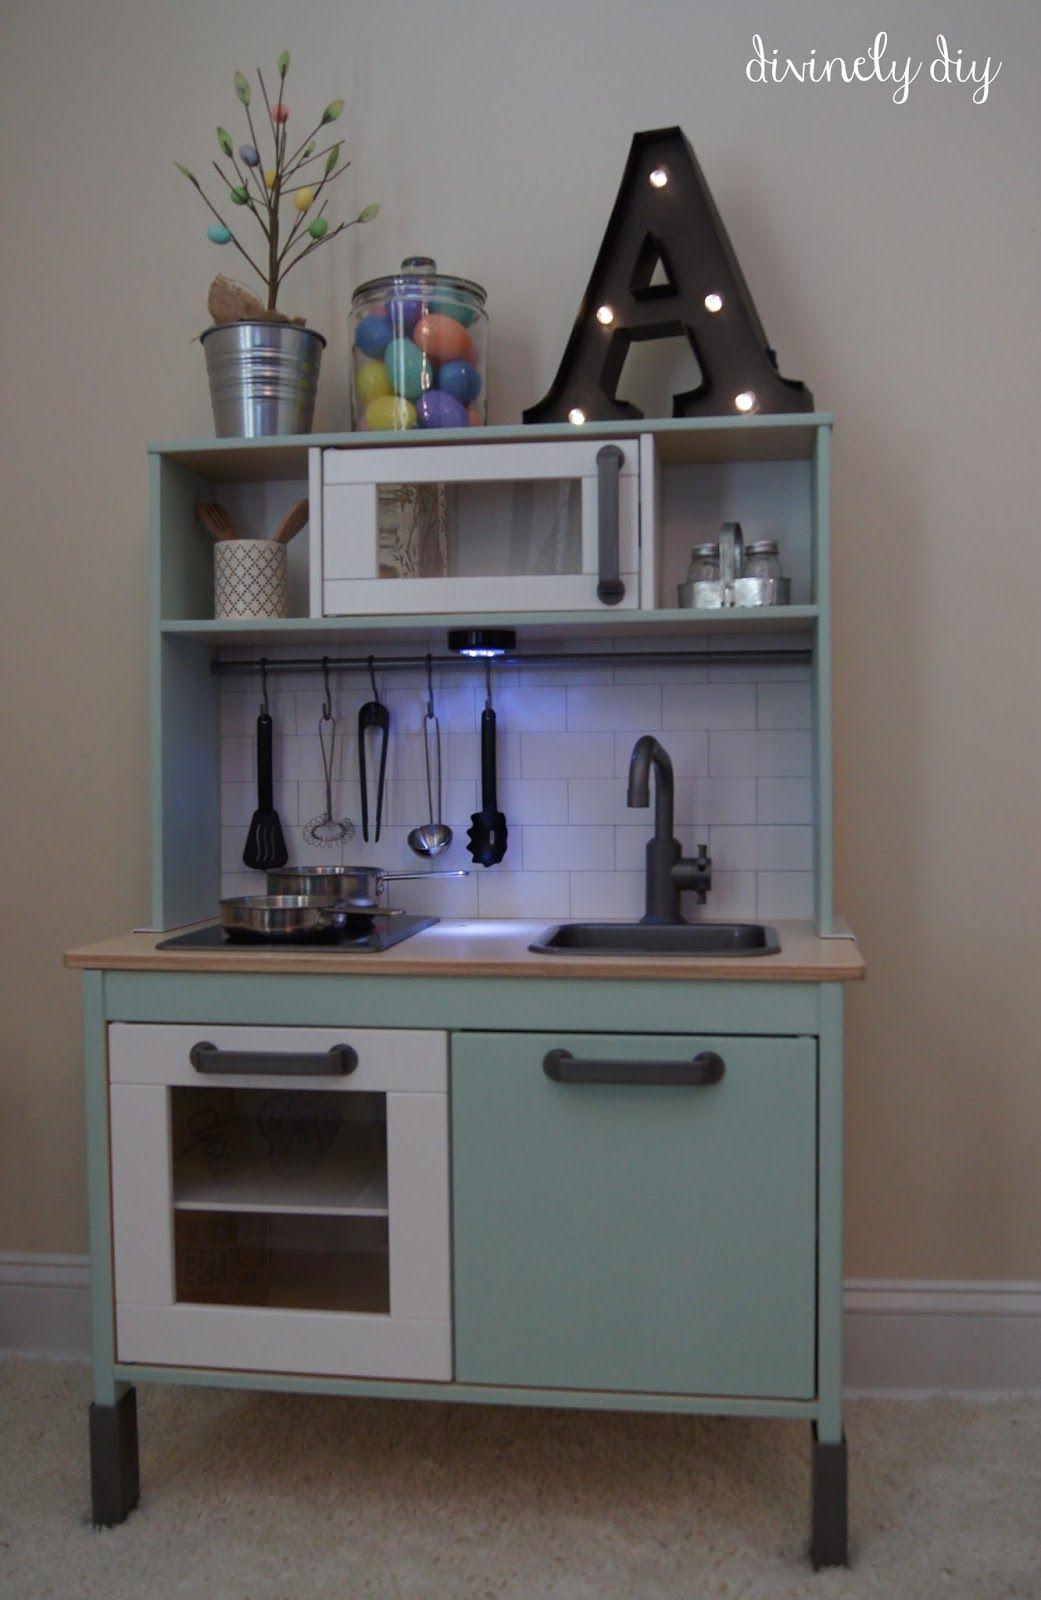 Ikea duktig play kitchen makeover cuisine enfant ikea ikea childrens kitchen ikea play - Cuisinette ikea ...